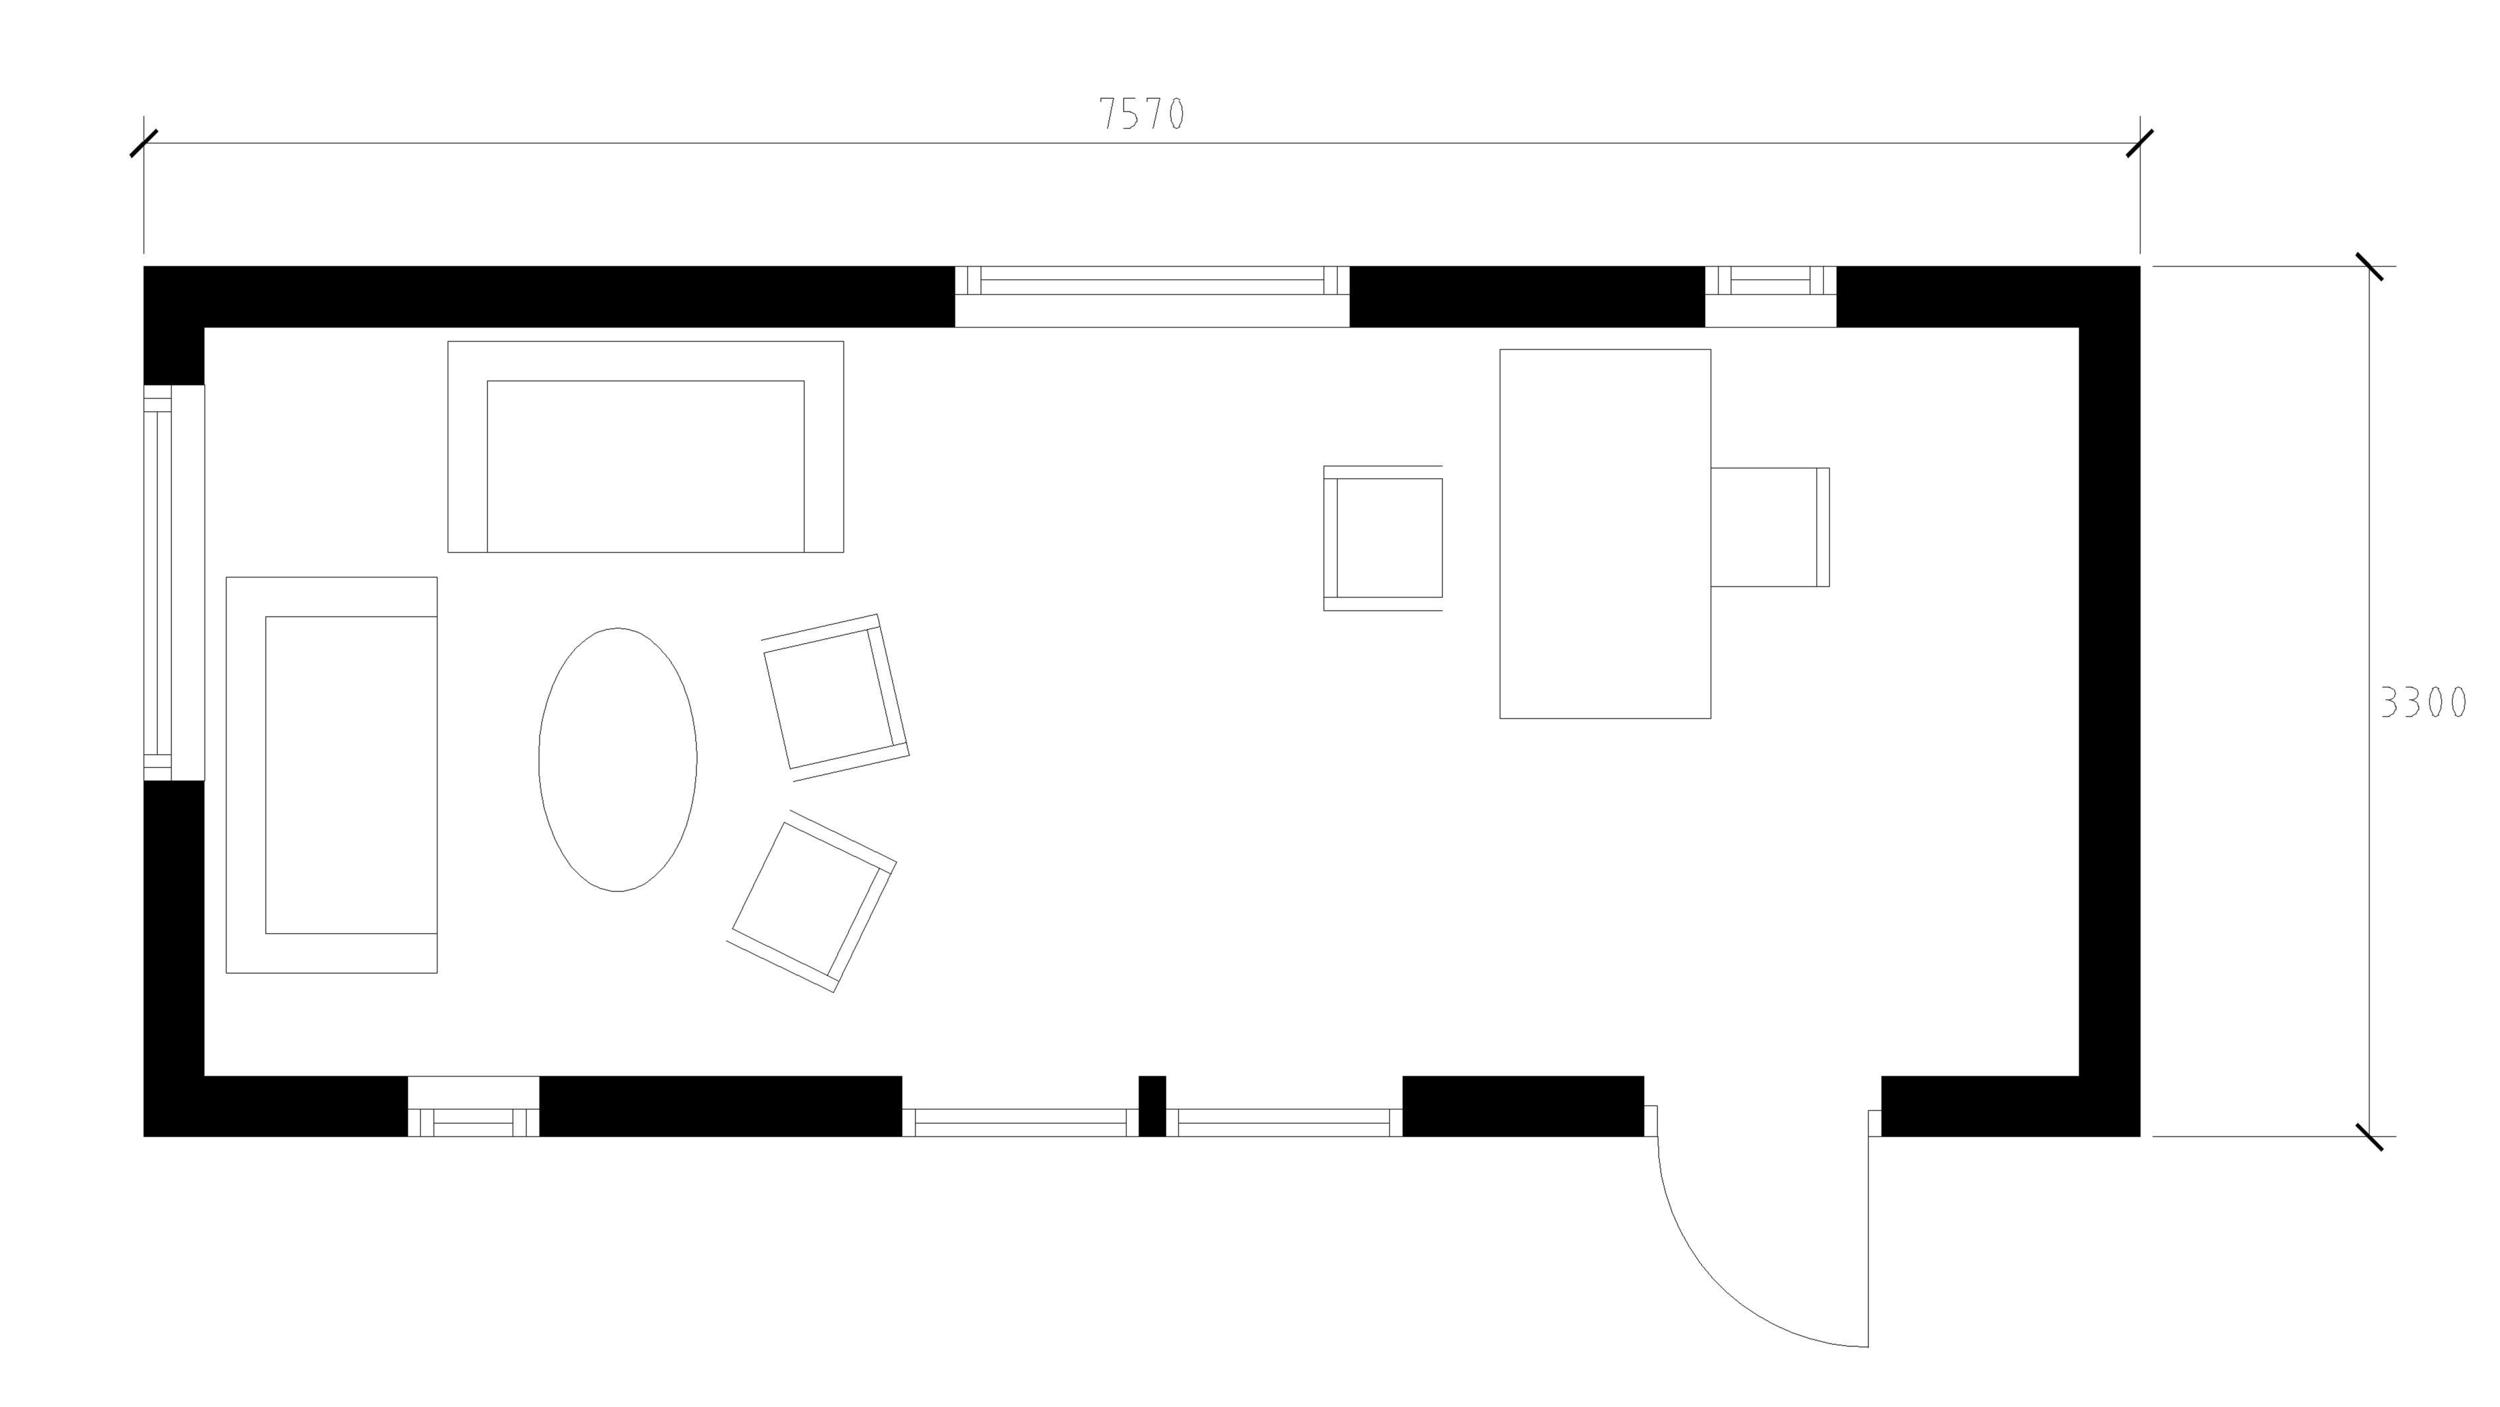 easy-house-torekov-25-med-öppen-planlösning.png